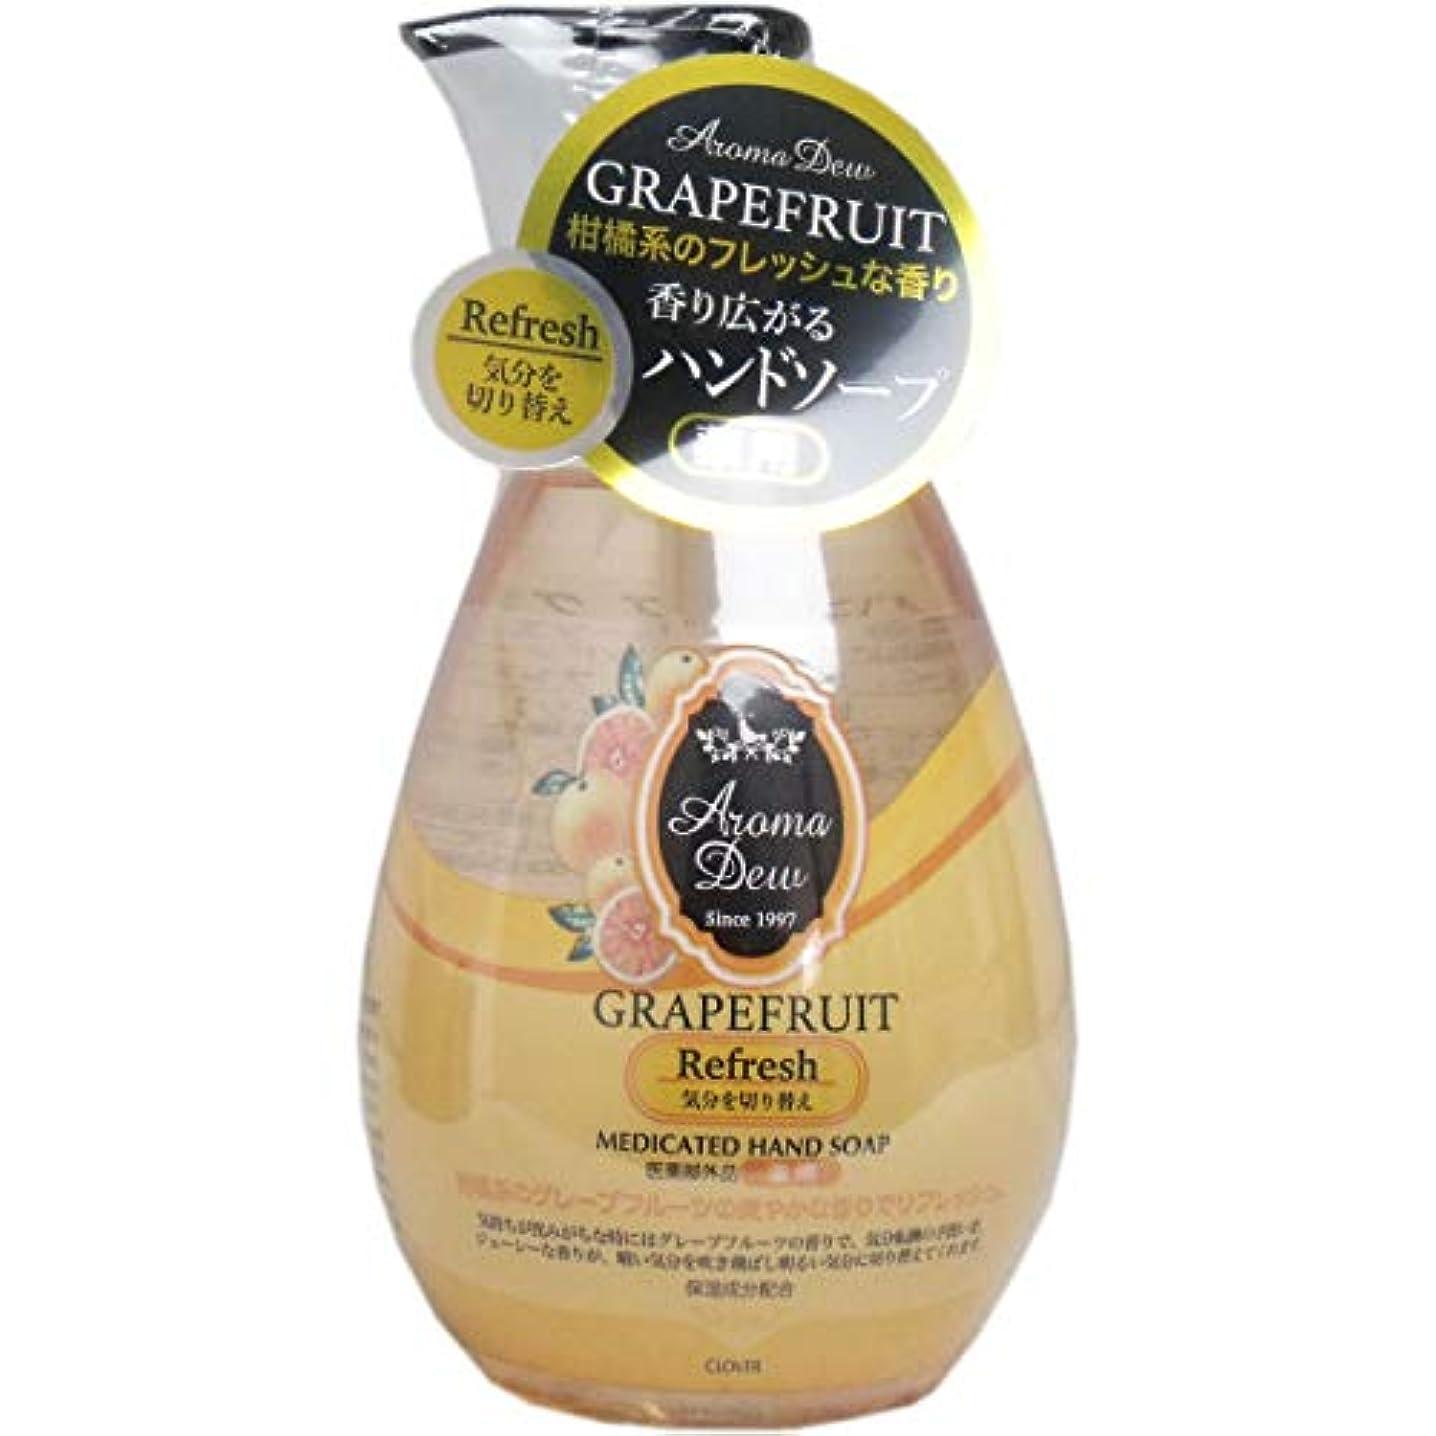 エラータンザニア市区町村薬用アロマデュウ ハンドソープ グレープフルーツの香り 260mL×10個セット